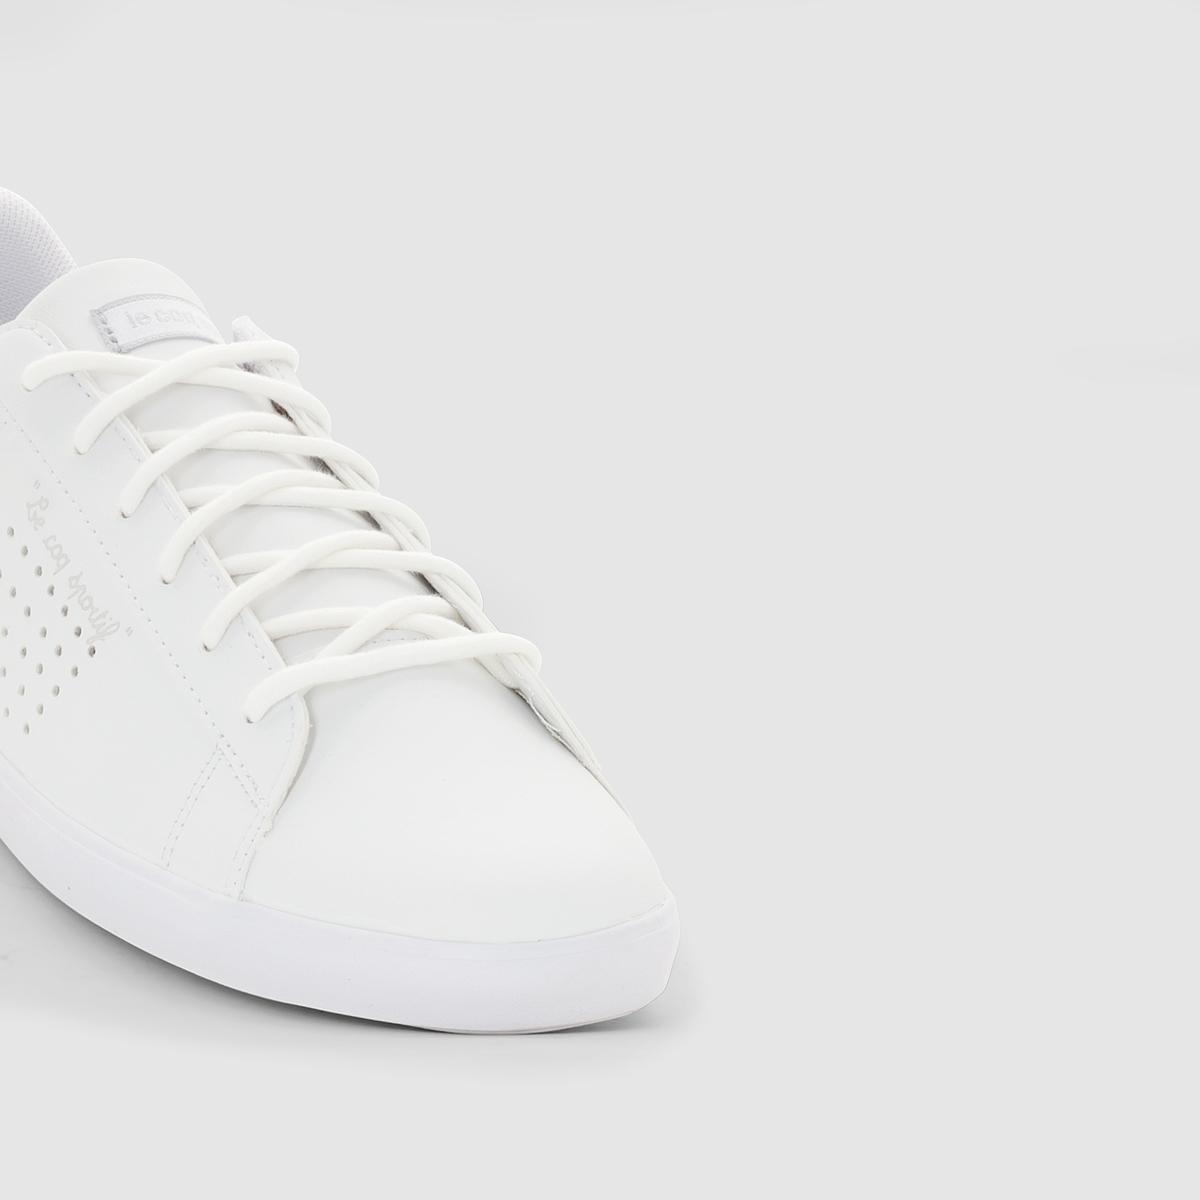 LE COQ SPORTIF AGATE LO S LEAКеды на шнуровке, AGATE LO S LEA от LE COQ SPORTIF.Верх : синтетика Подкладка : текстильСтелька : текстильПодошва : резинаЗастежка : шнуровка За основу этих великолепных кожаных кед взята теннисная обувь...Agate Lo напоминает другую культовую модель -  Arthur Ashe. Заниженный и более утонченный верх украшен изысканными деталями, а перфорация подчеркивает атлетический характер. Спортивные и модные кеды придадут вашему образу французский шик в любом сочетании!<br><br>Цвет: белый